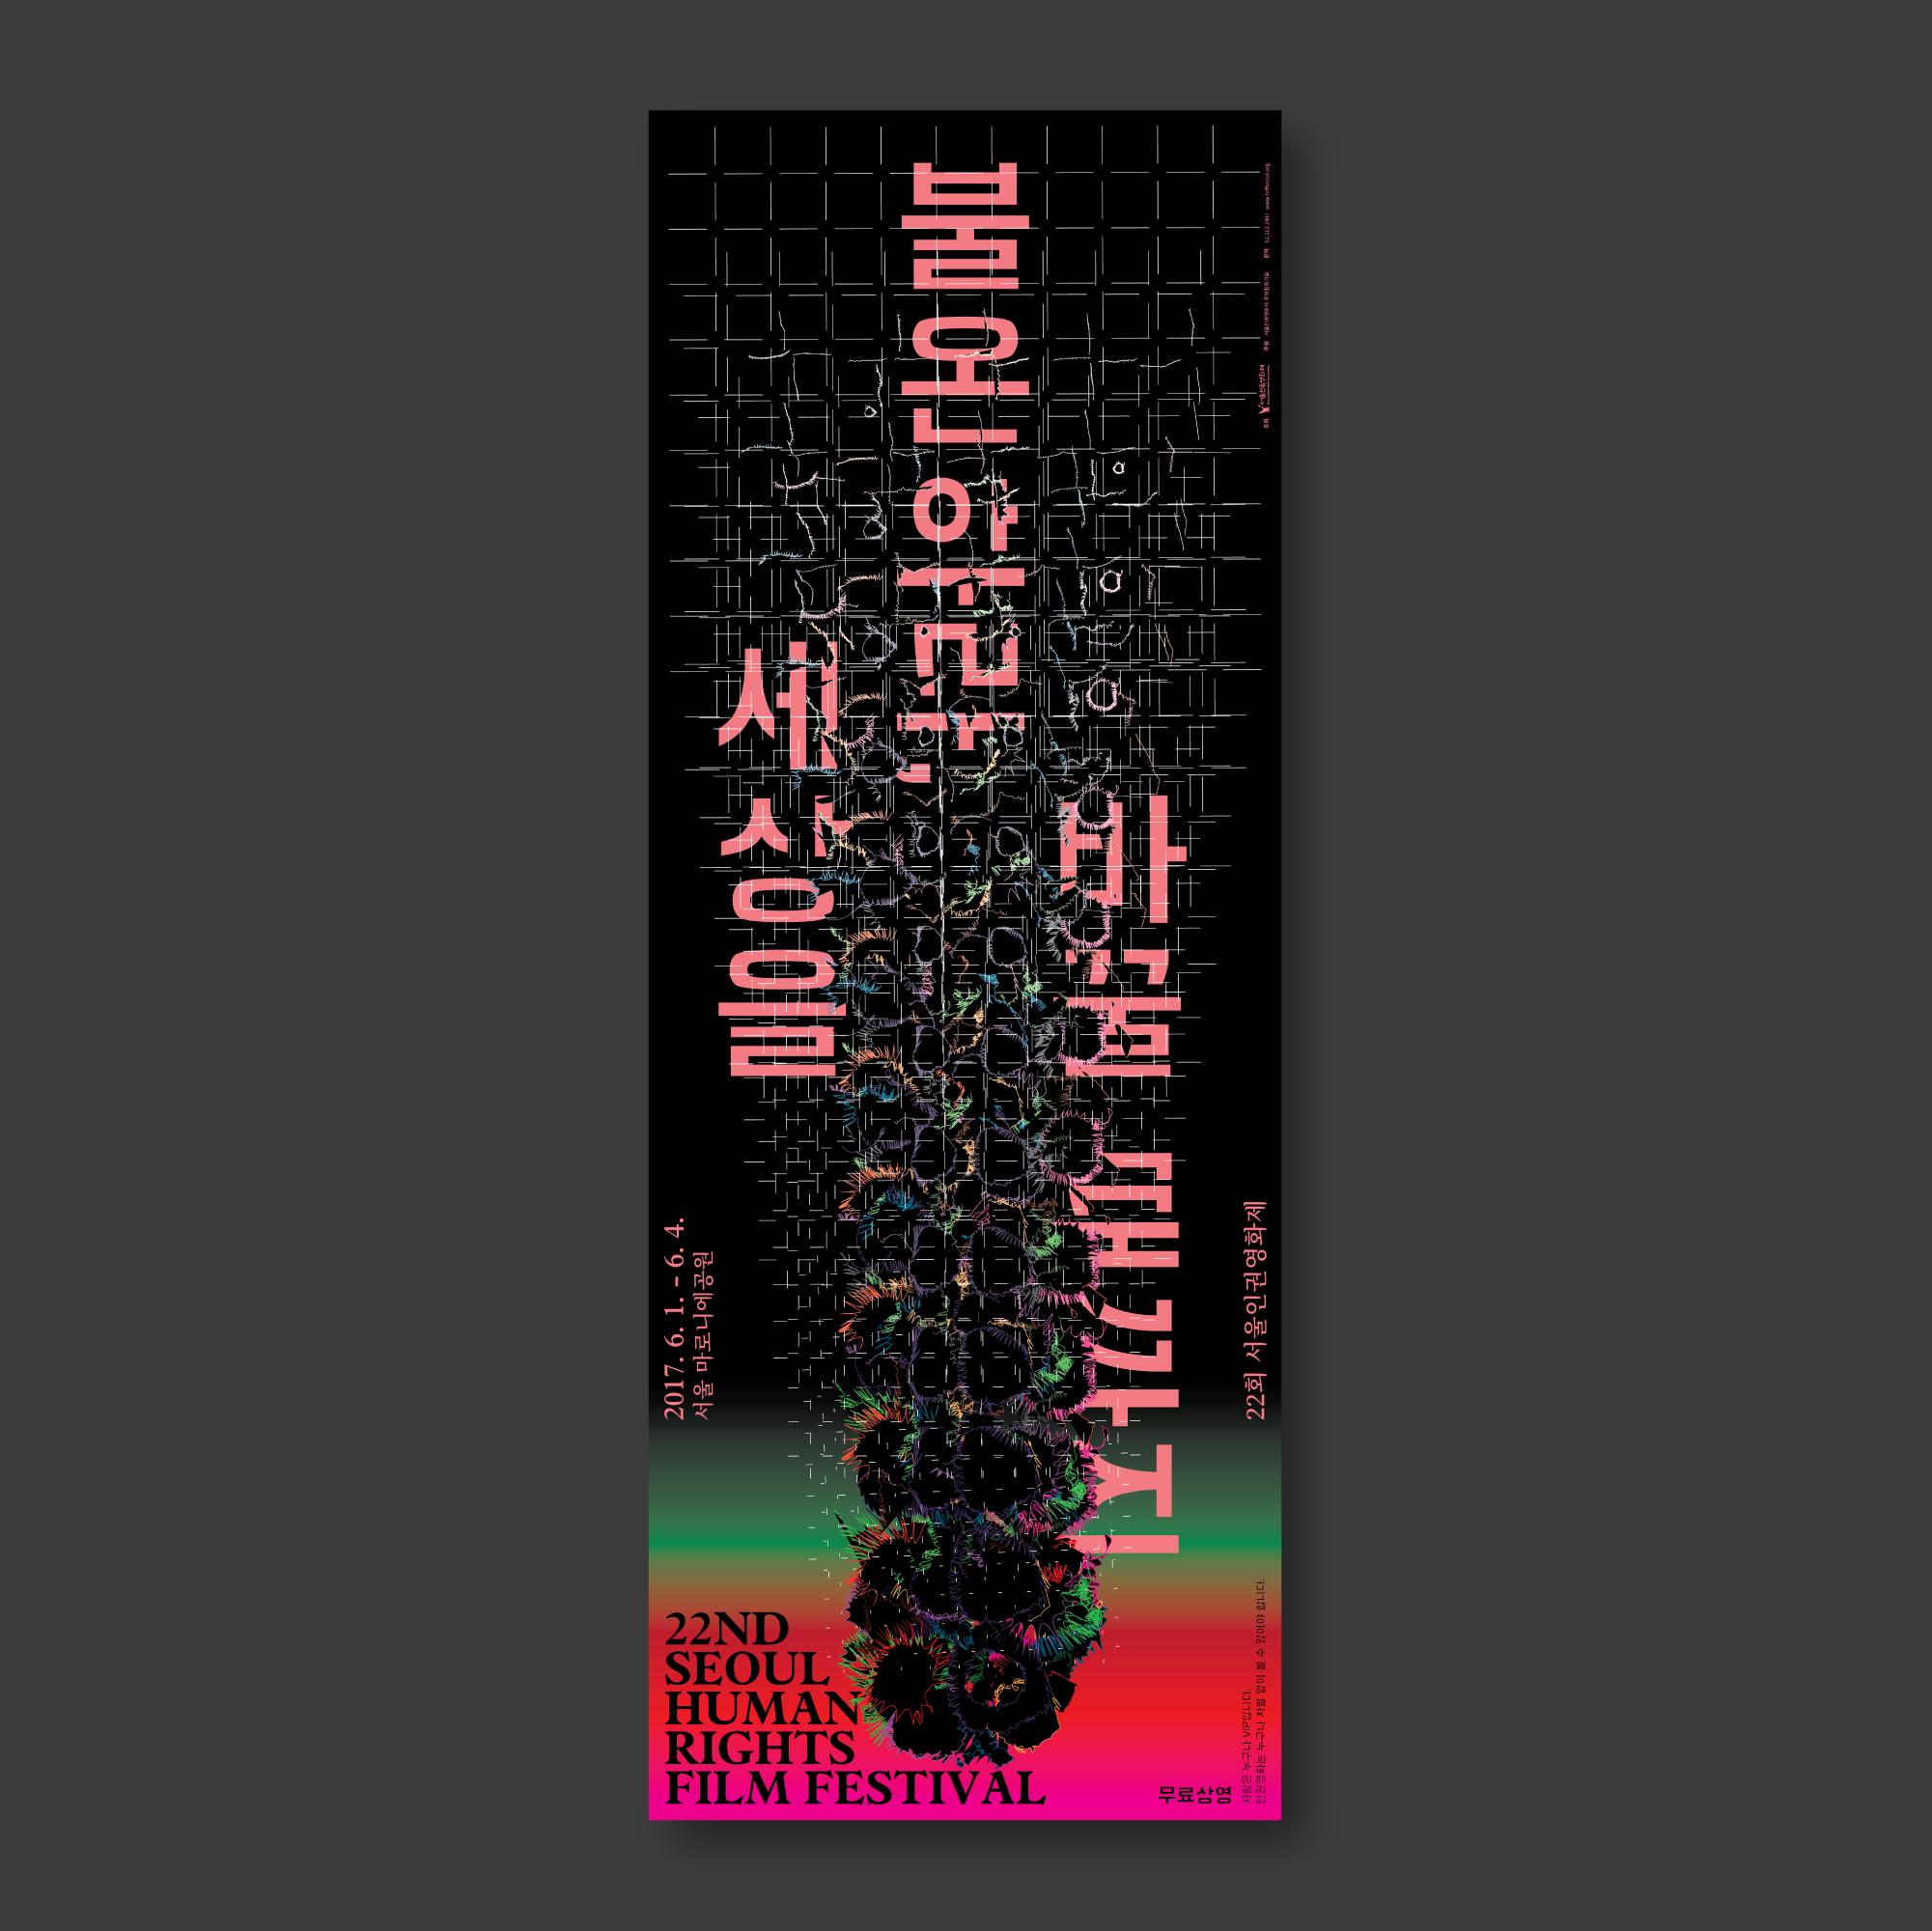 '(소식) 포스터, 슬로건 해제 공개'의 대표이미지